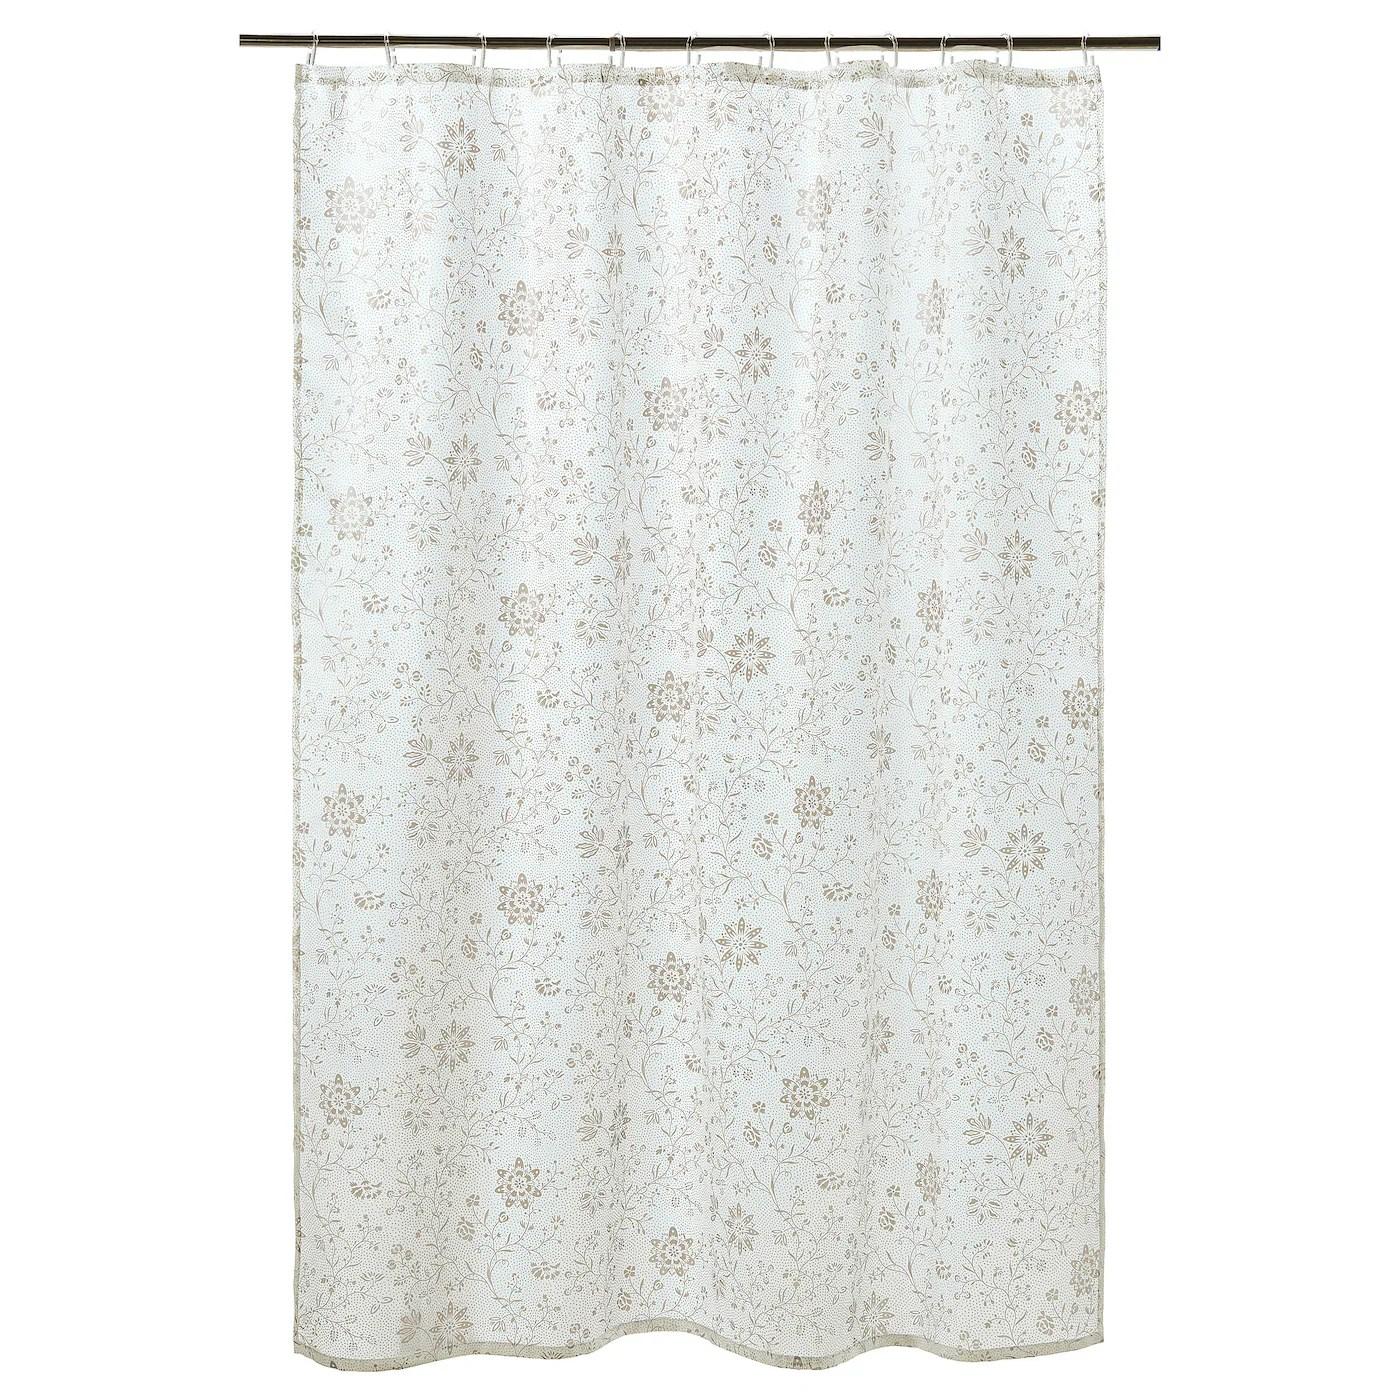 tyckeln shower curtain white dark beige 180x200 cm